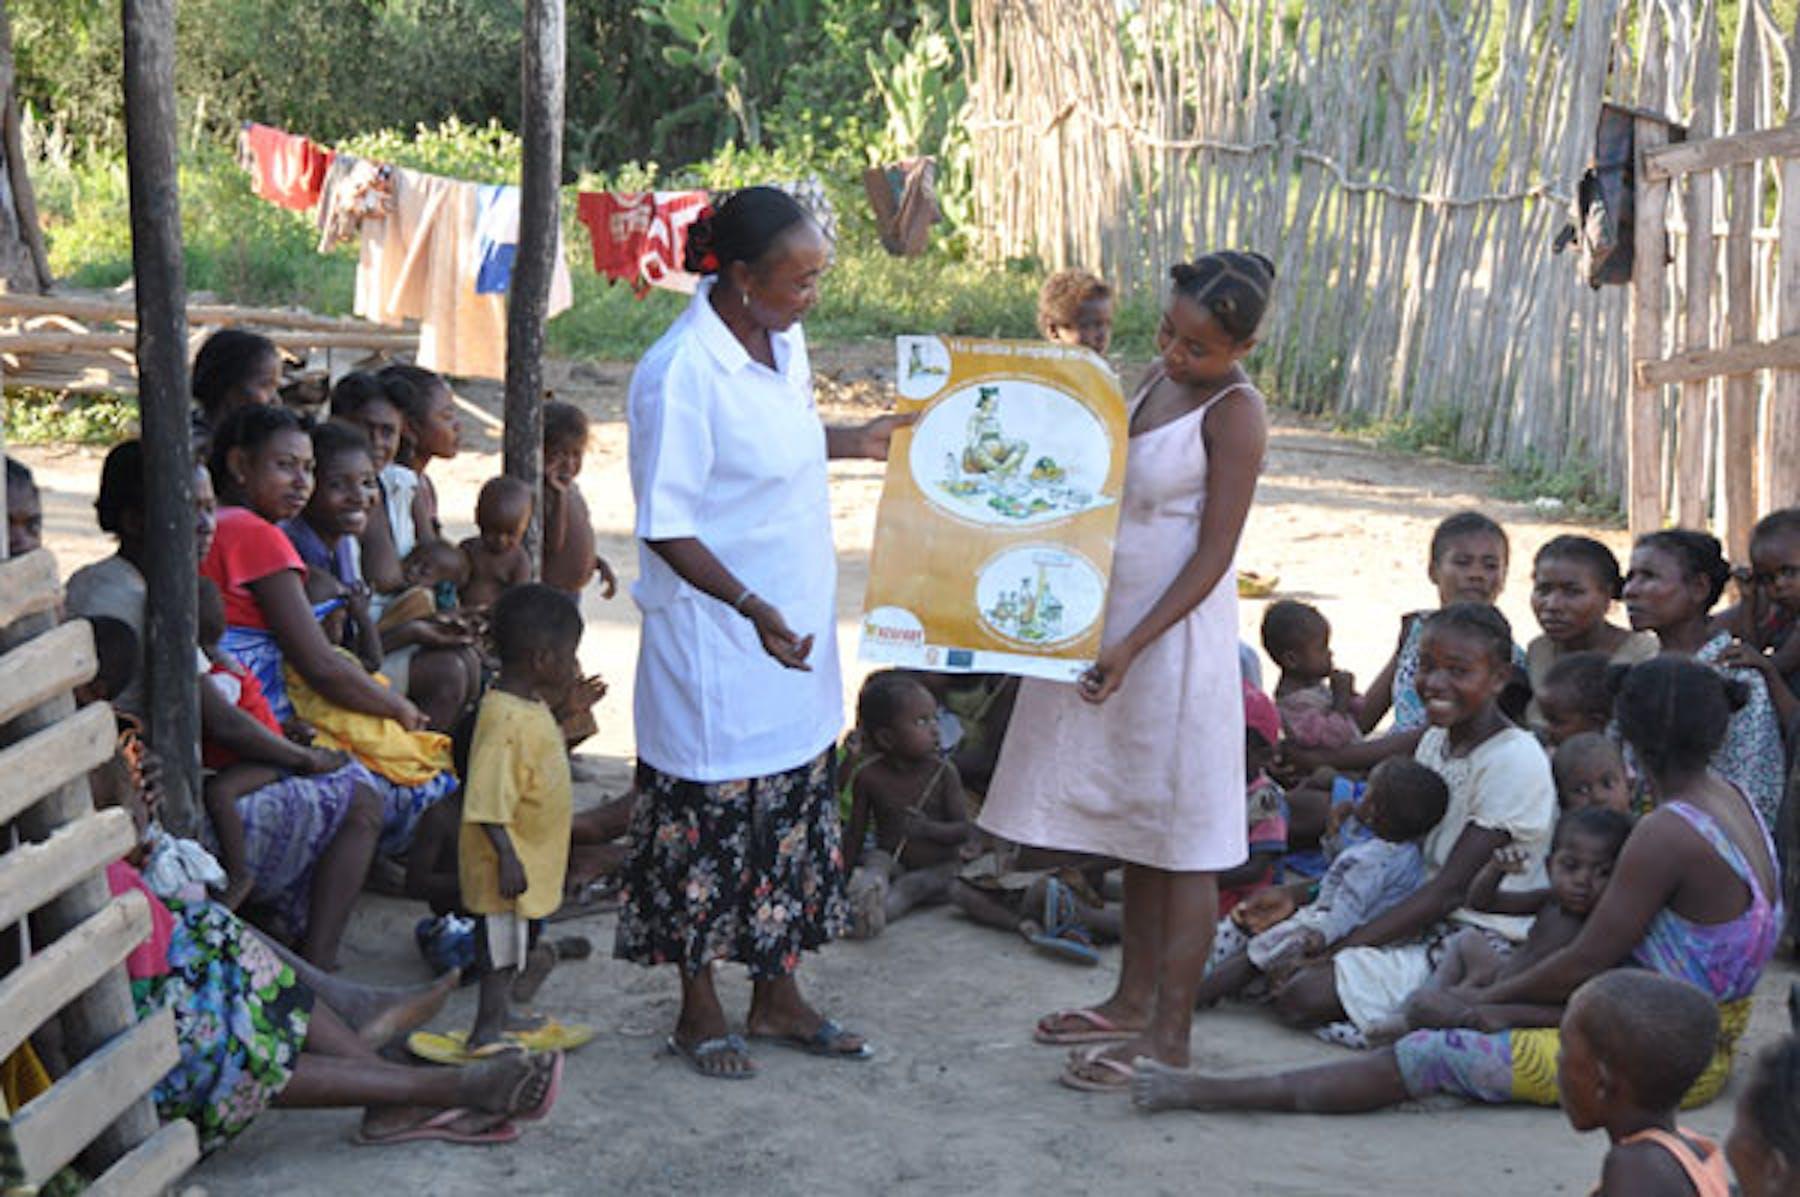 Seduta di formazione nel villaggio di Beraketa, distretto di Ambovombe. Fabio Scamoni©